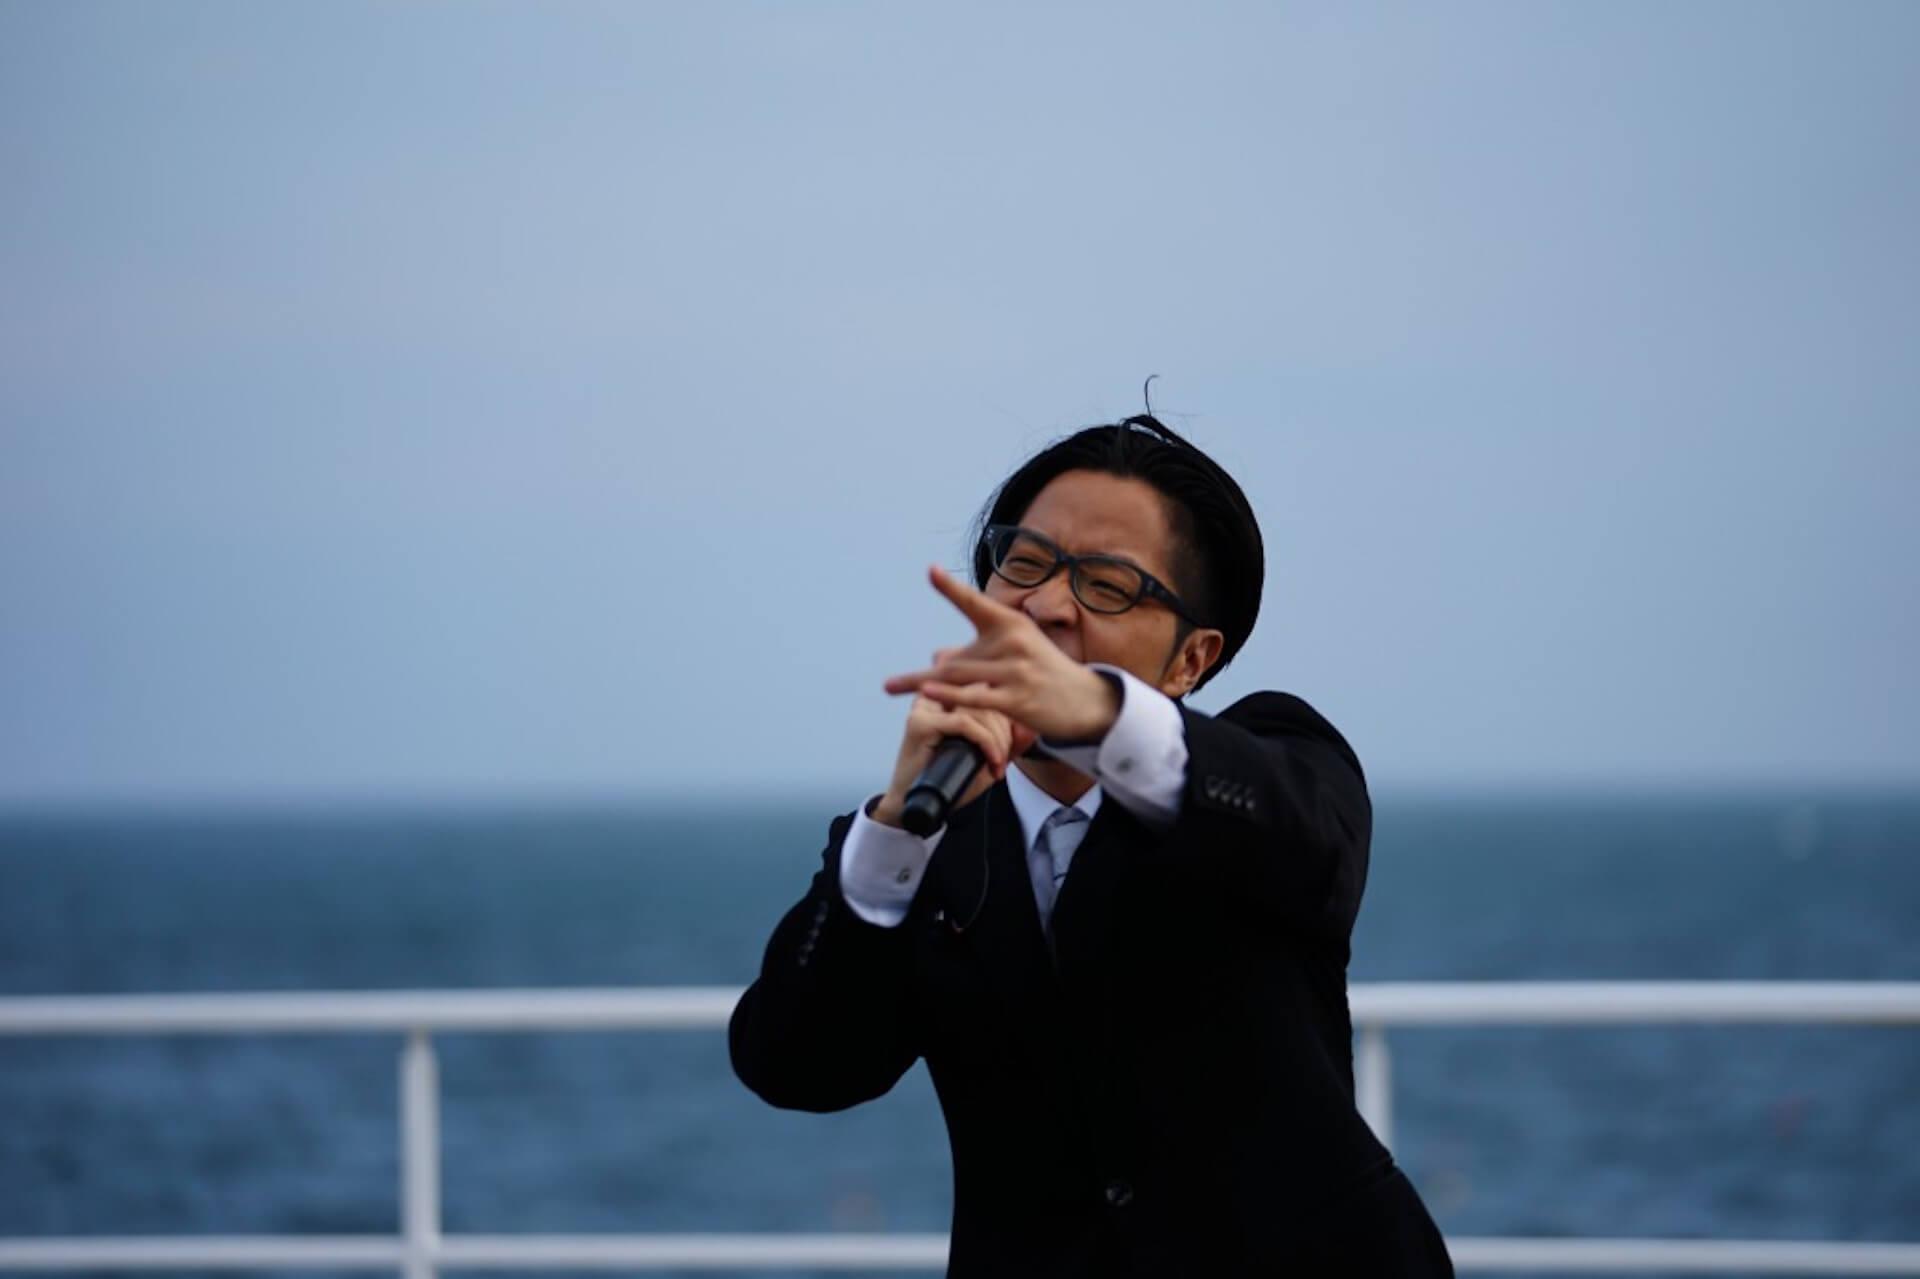 加山雄三『加山雄三の新世界』に参加したPUNPEE、スチャダラパー、ももクロらが出演!ストリーミングライブレポートが到着 music200706_kayamayuzo_8